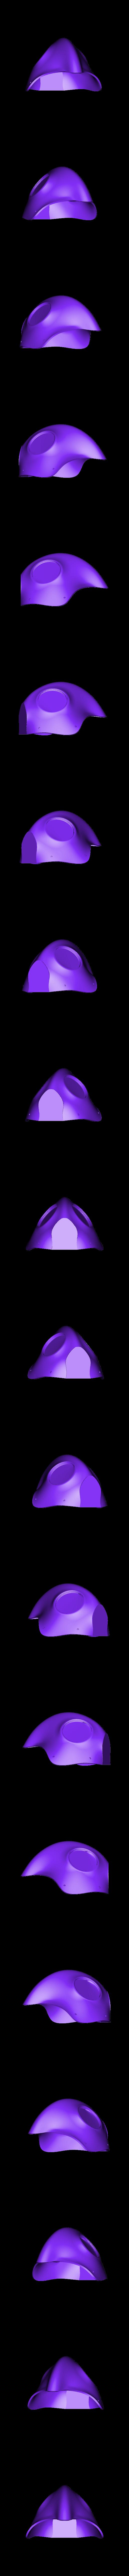 Mask_L_V2.stl Télécharger fichier OBJ gratuit Forme du masque v2 • Design imprimable en 3D, SanderDesign